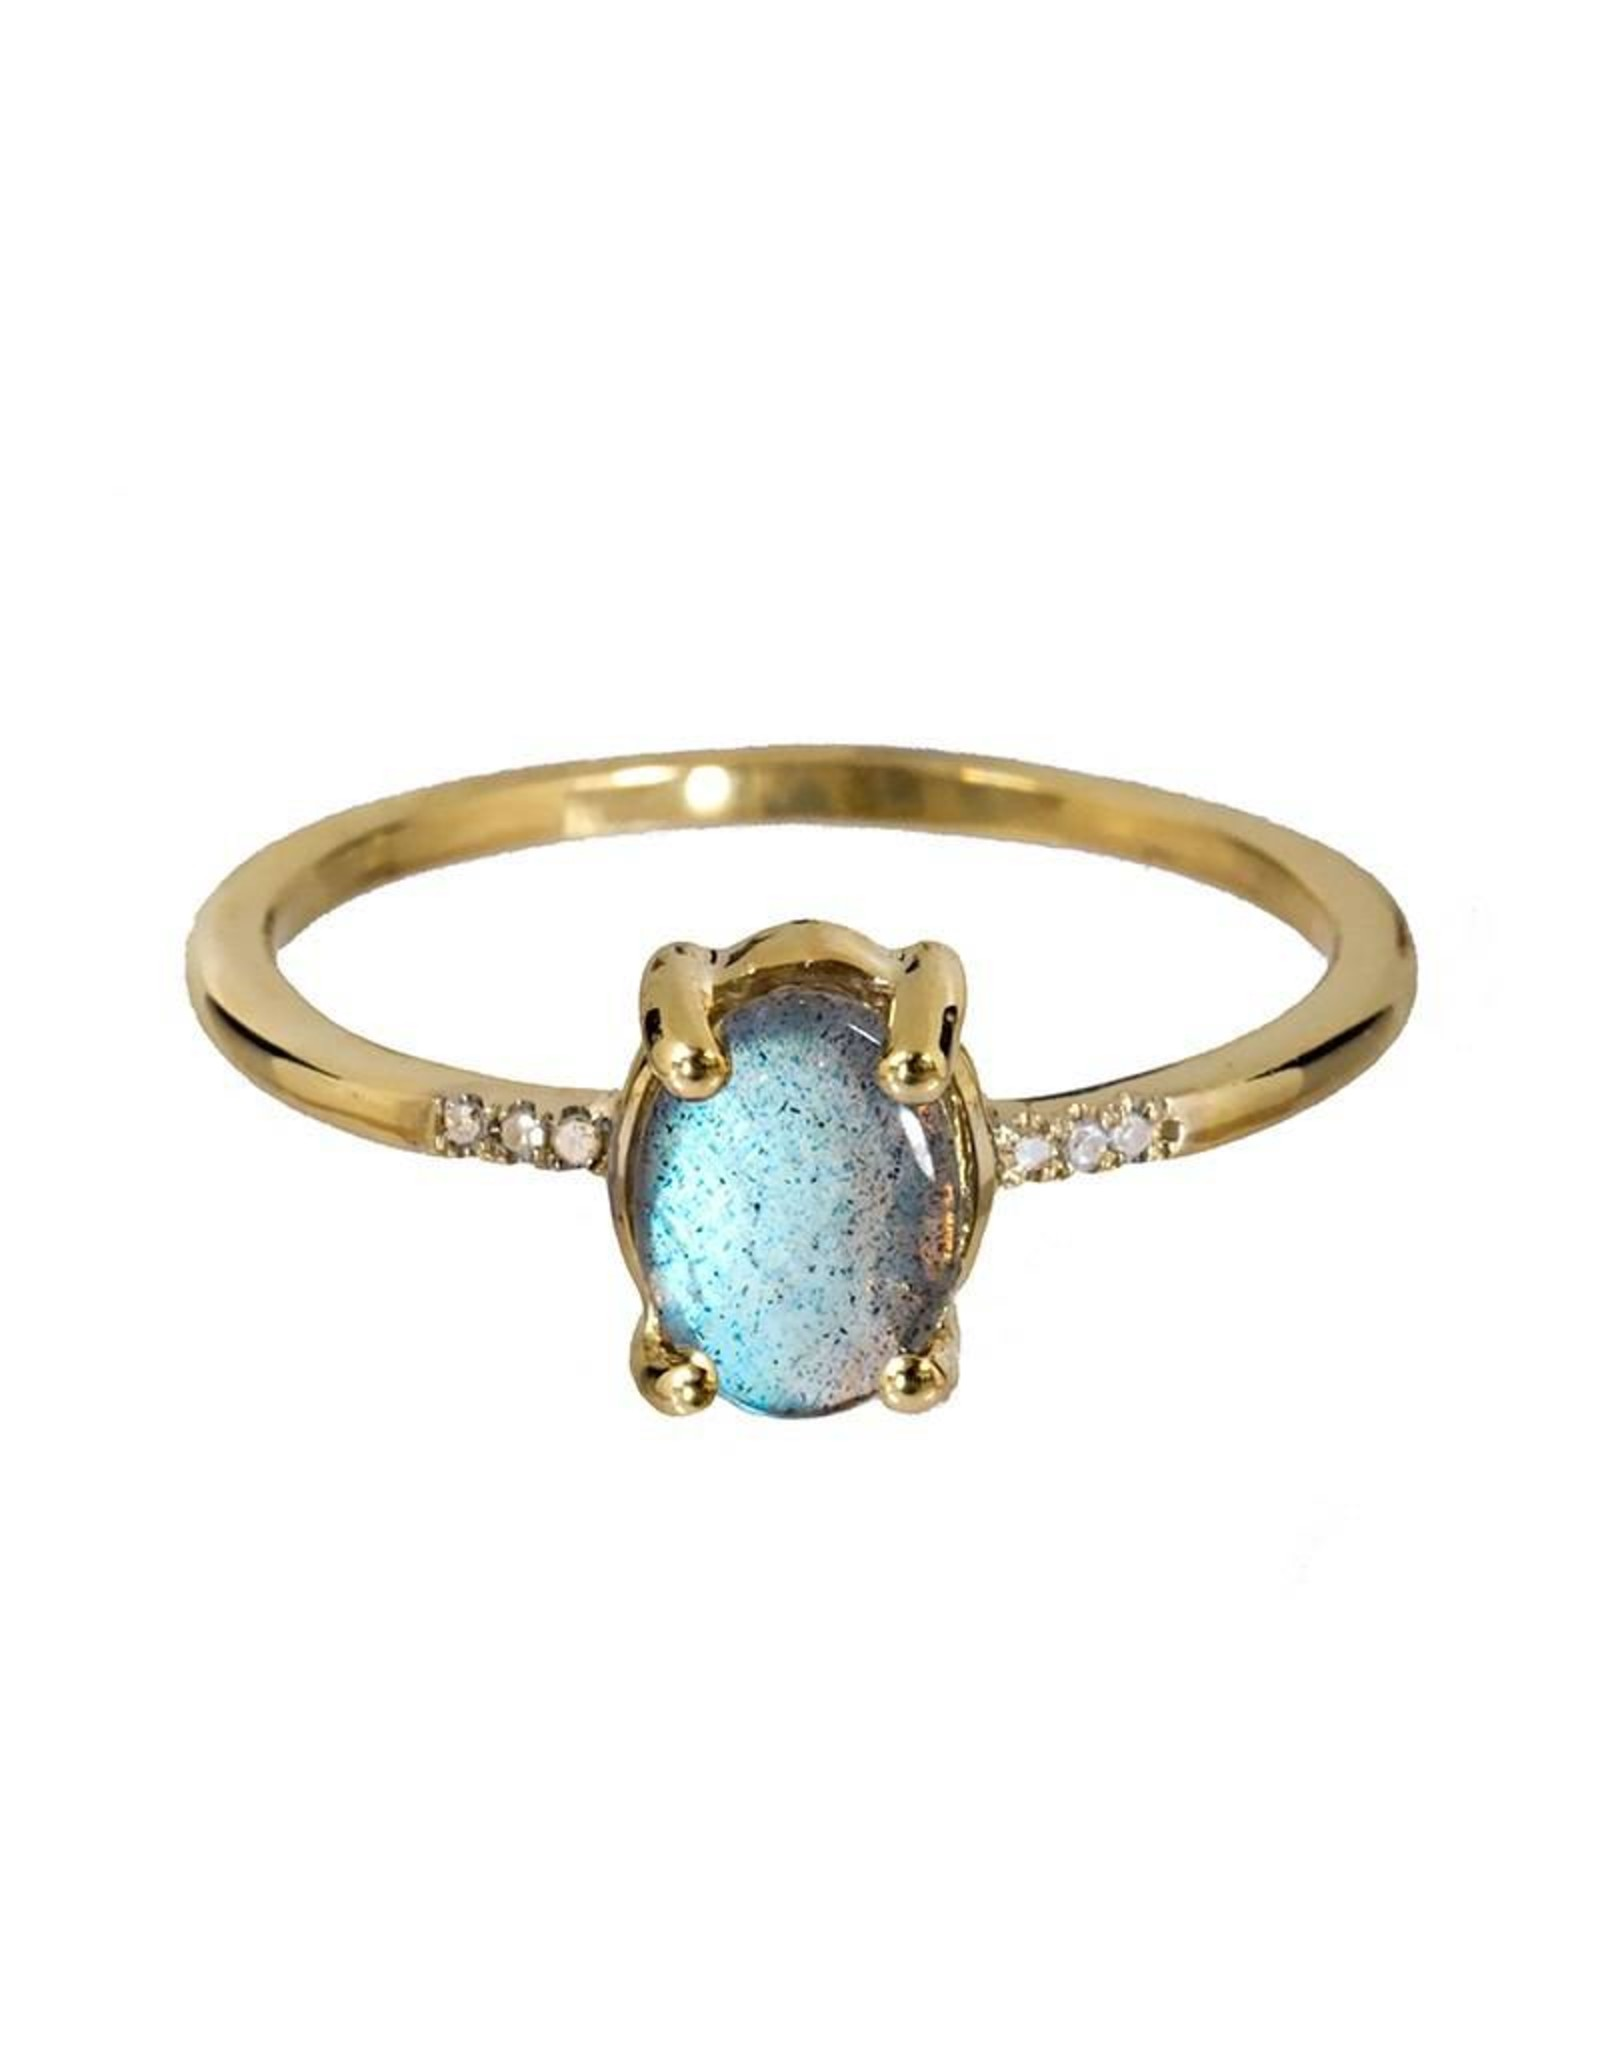 Bo Gold Ring - Goud - Labradoriet